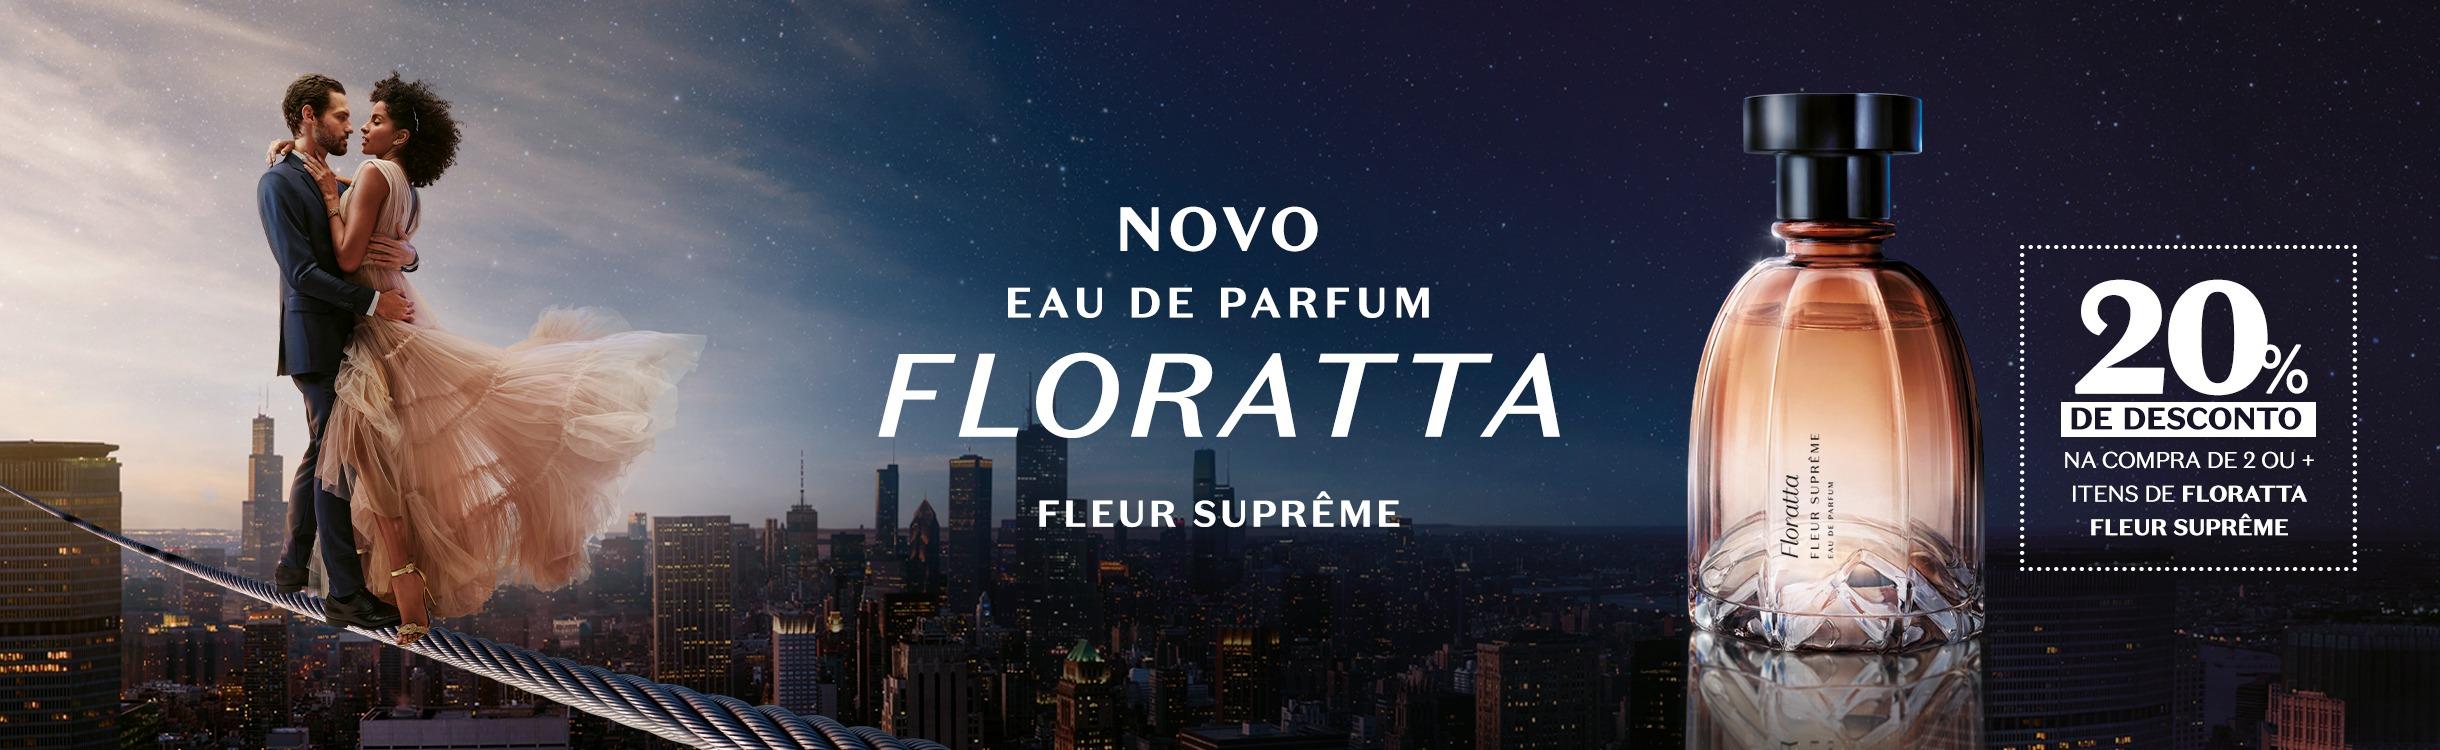 Floratta Fleur Suprême Eau de Parfum. Aproveite 20% de desconto na compra de dois ou mais itens!